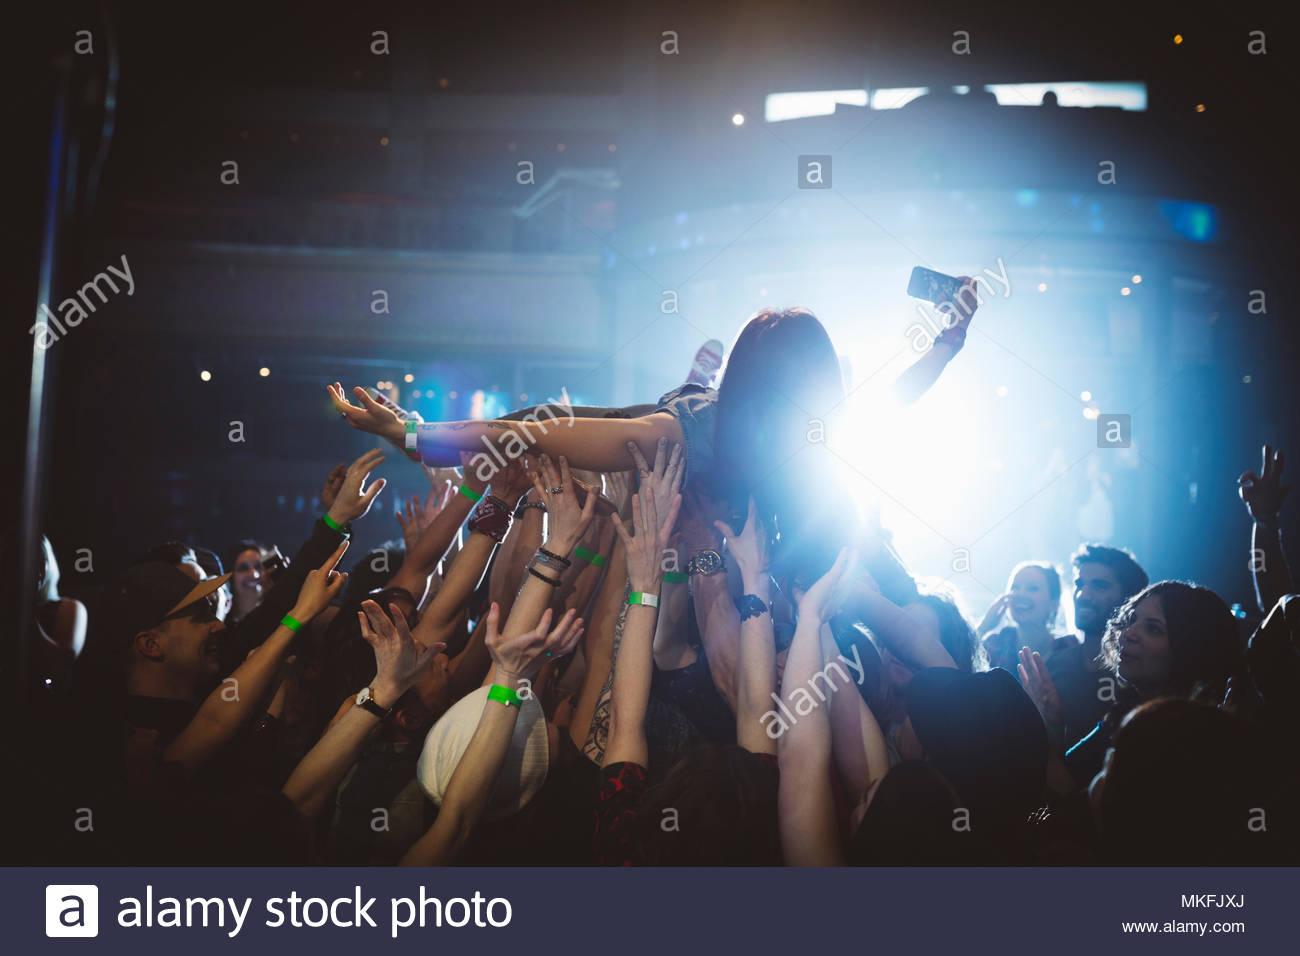 Frau mit Kamera Handy crowdsurfing auf Konzert in Nachtclub Stockbild